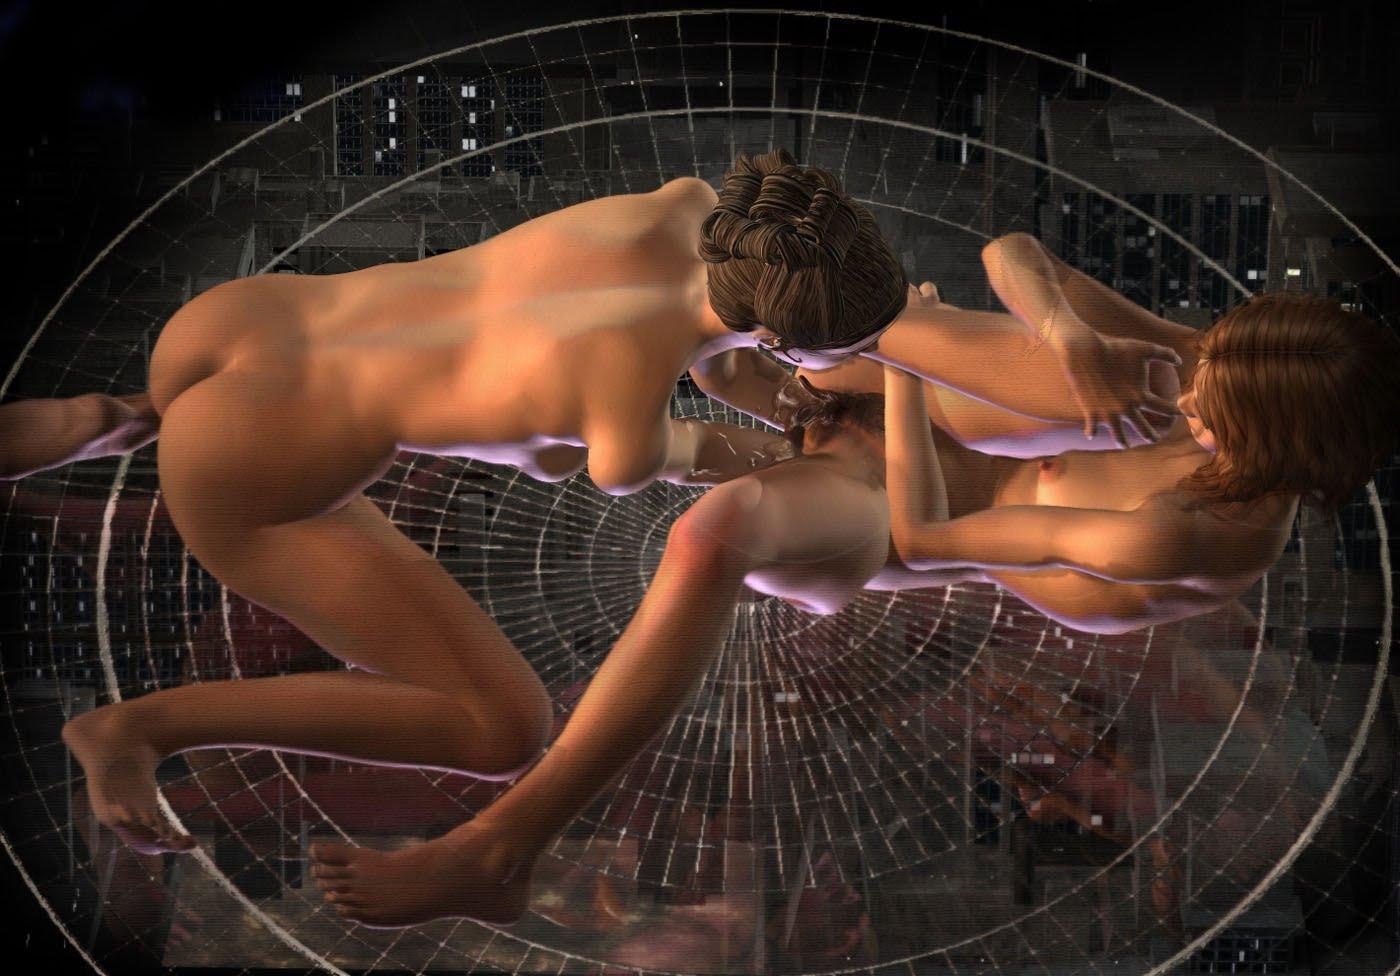 mujeres desnudas lesbianas 3 d lesbianas desnudas animadas lindas